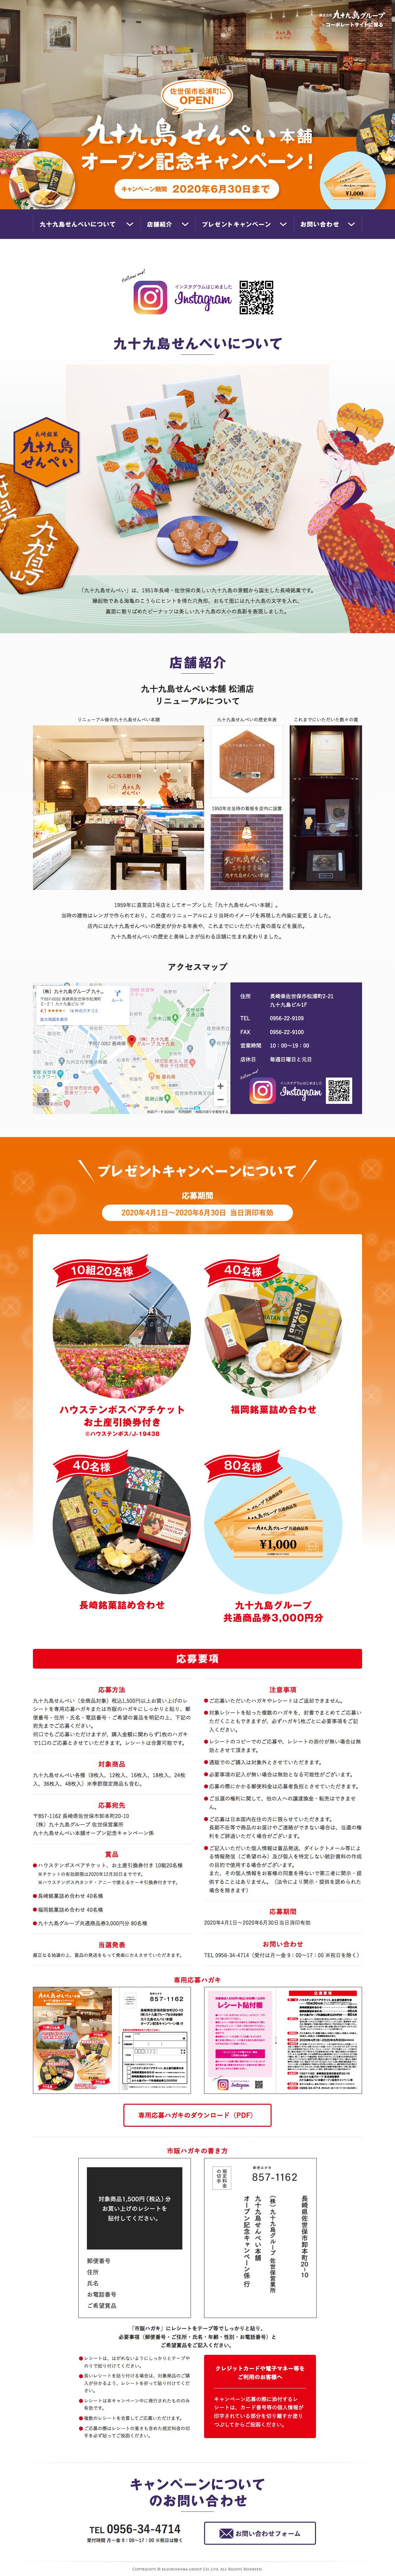 [写真]WEB 九十九島せんぺい本舗キャンペーンサイト 1